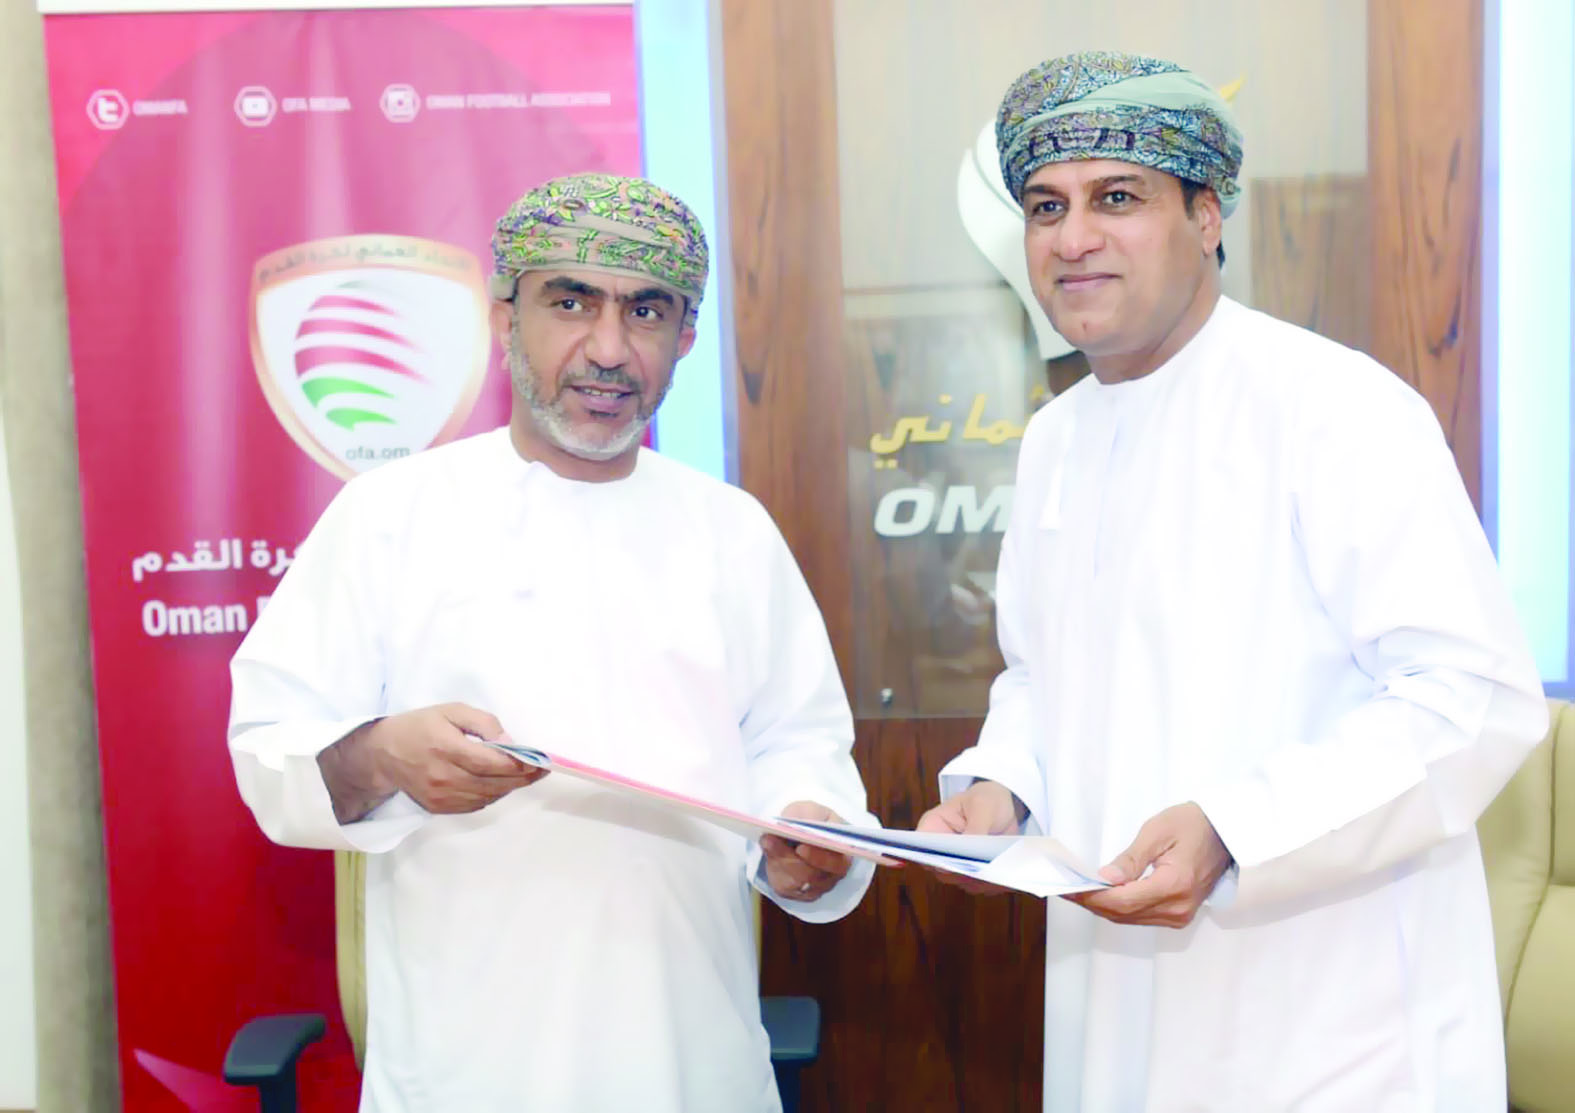 اتحاد الكرة والطيران العماني يجددان عقد الشراكة